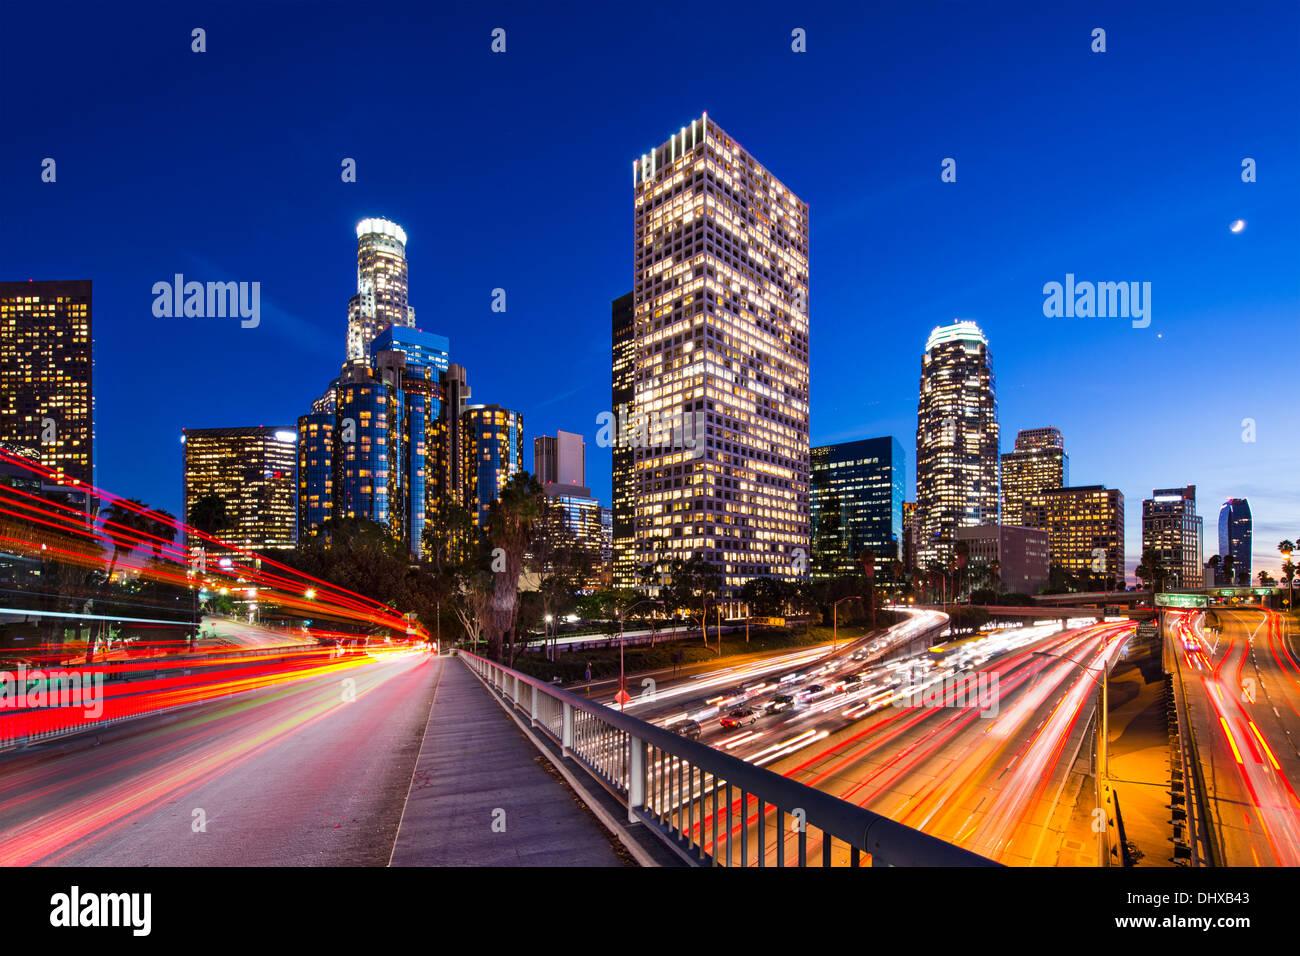 Le centre-ville de Los Angeles, Californie, États-Unis d'horizon. Banque D'Images